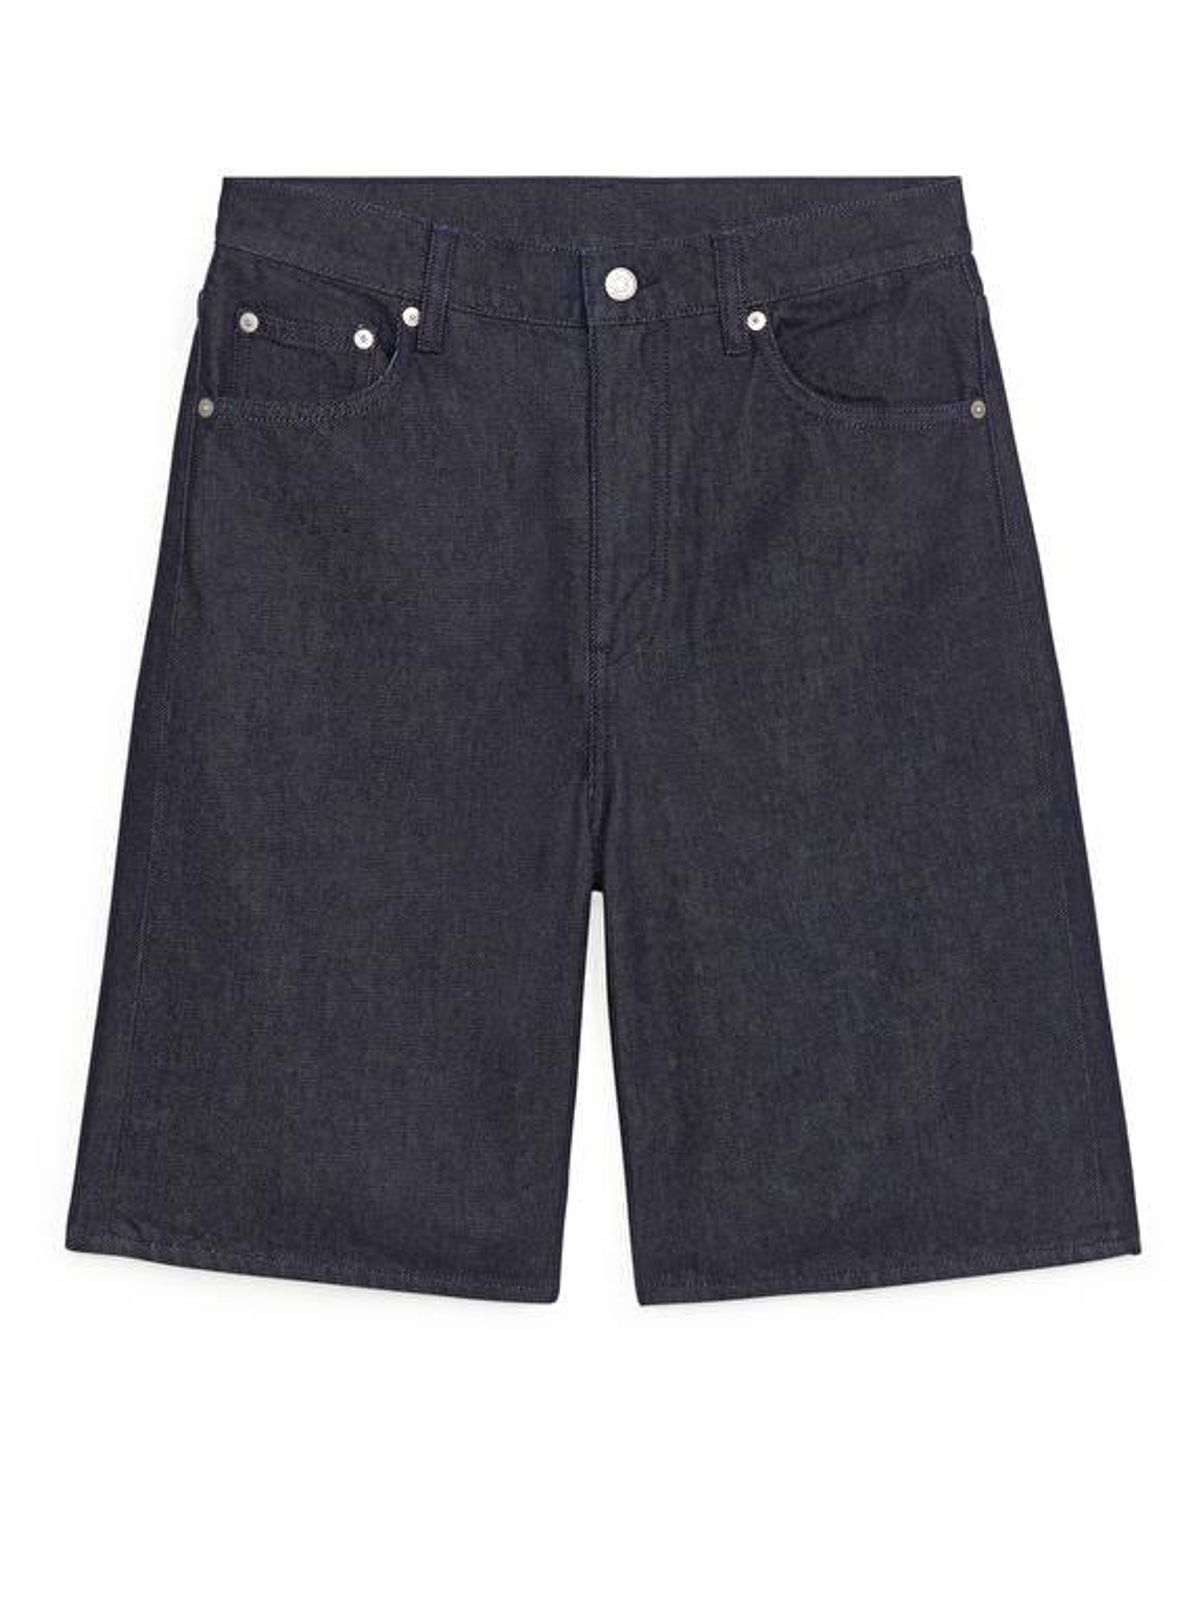 Organic Cotton Denim Shorts